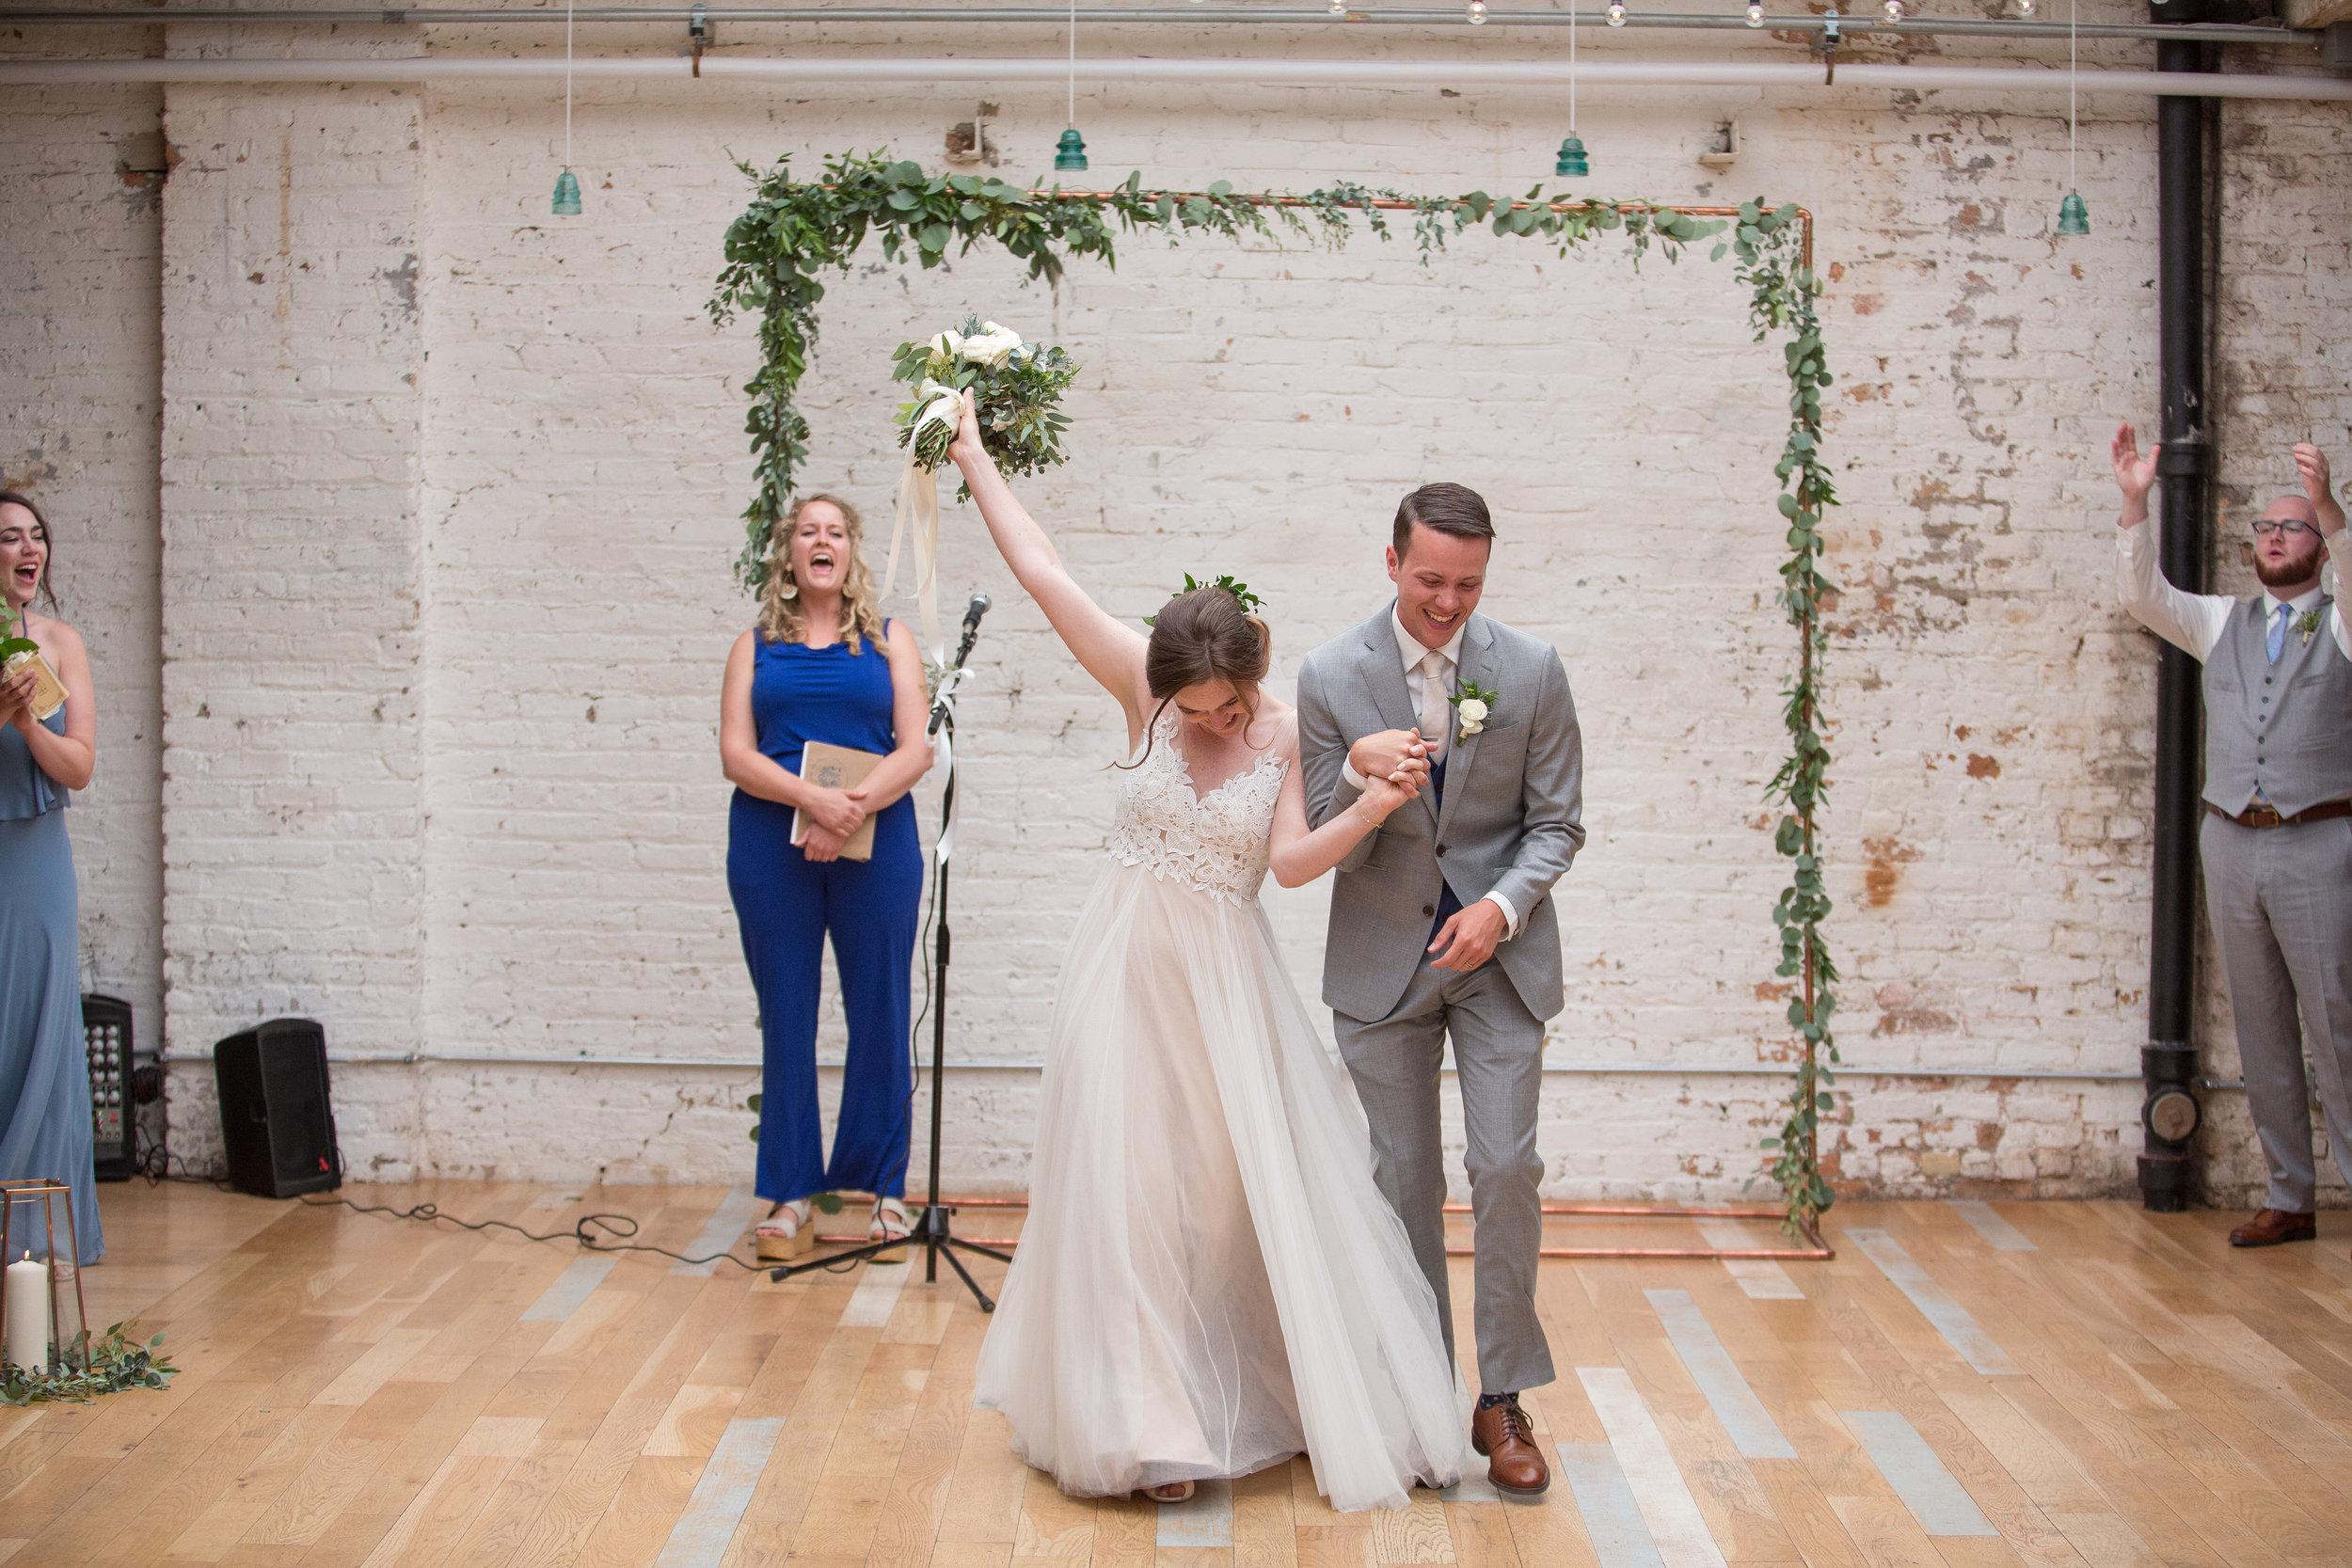 Emmy & Griffin - Chicago, ILVenue: JoineryPhotographer: Adam Alexander